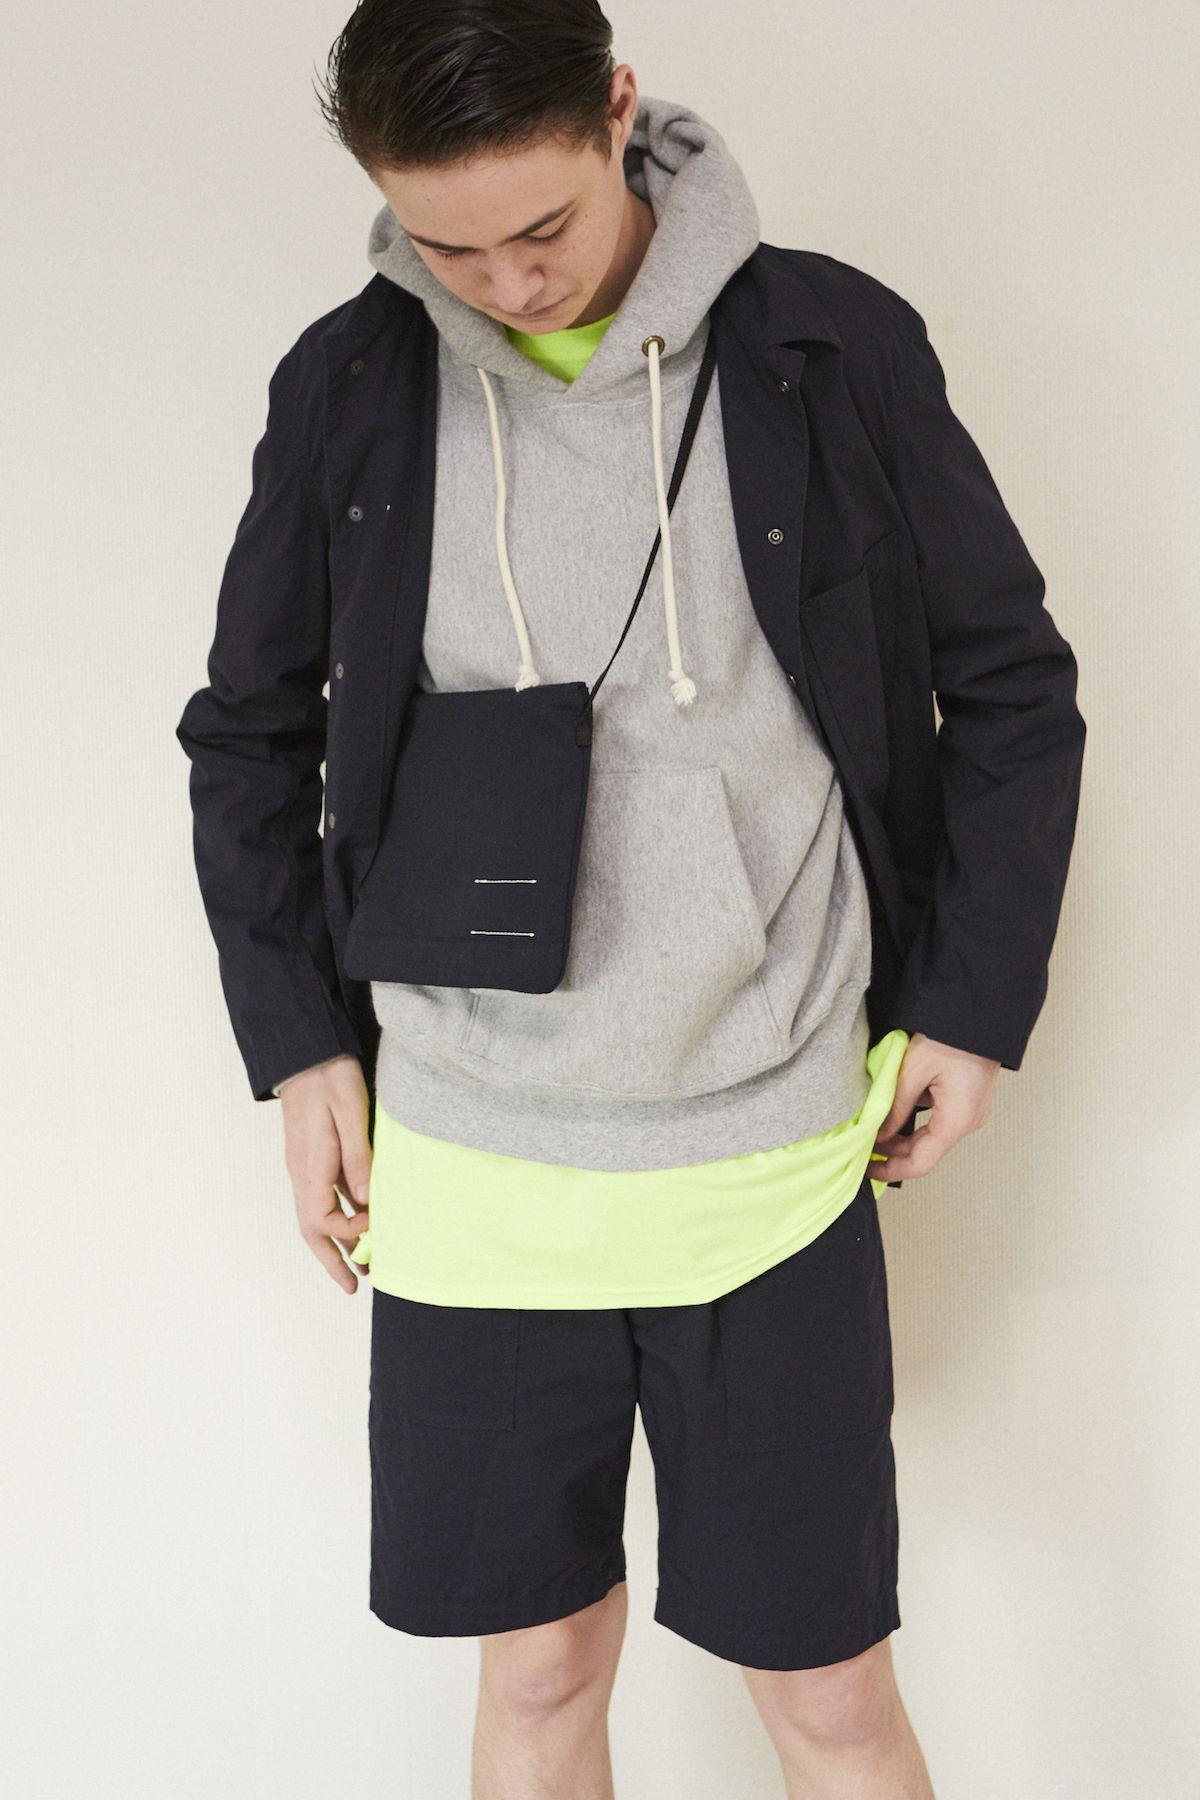 【ルック】ストリートとモード、ビジネスを横断。ブランド「BLANCK」を知ってる?ナノ・ユニバースでポップアップも! fashion180309_blanck3-1200x1800